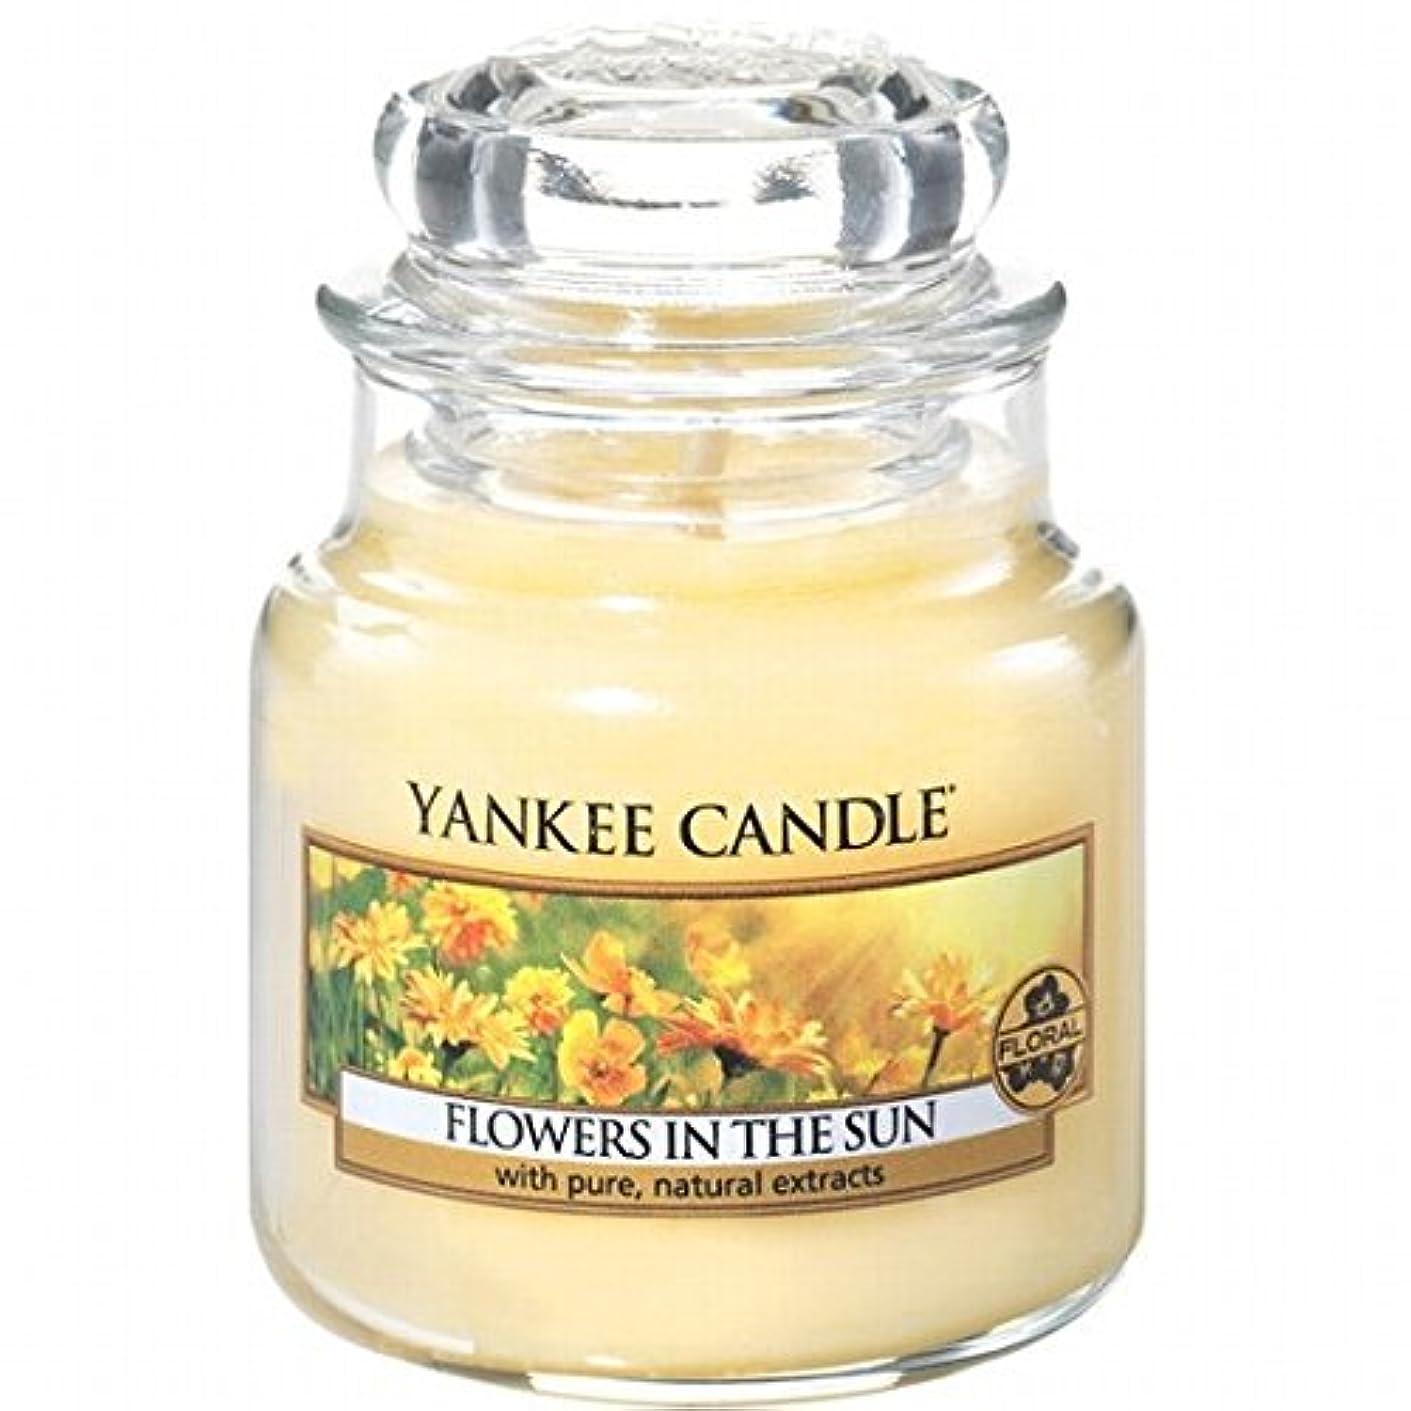 ダーベビルのテス地球ヒントYANKEE CANDLE(ヤンキーキャンドル) YANKEE CANDLE ジャーS 「フラワーインザサン」(K00305274)